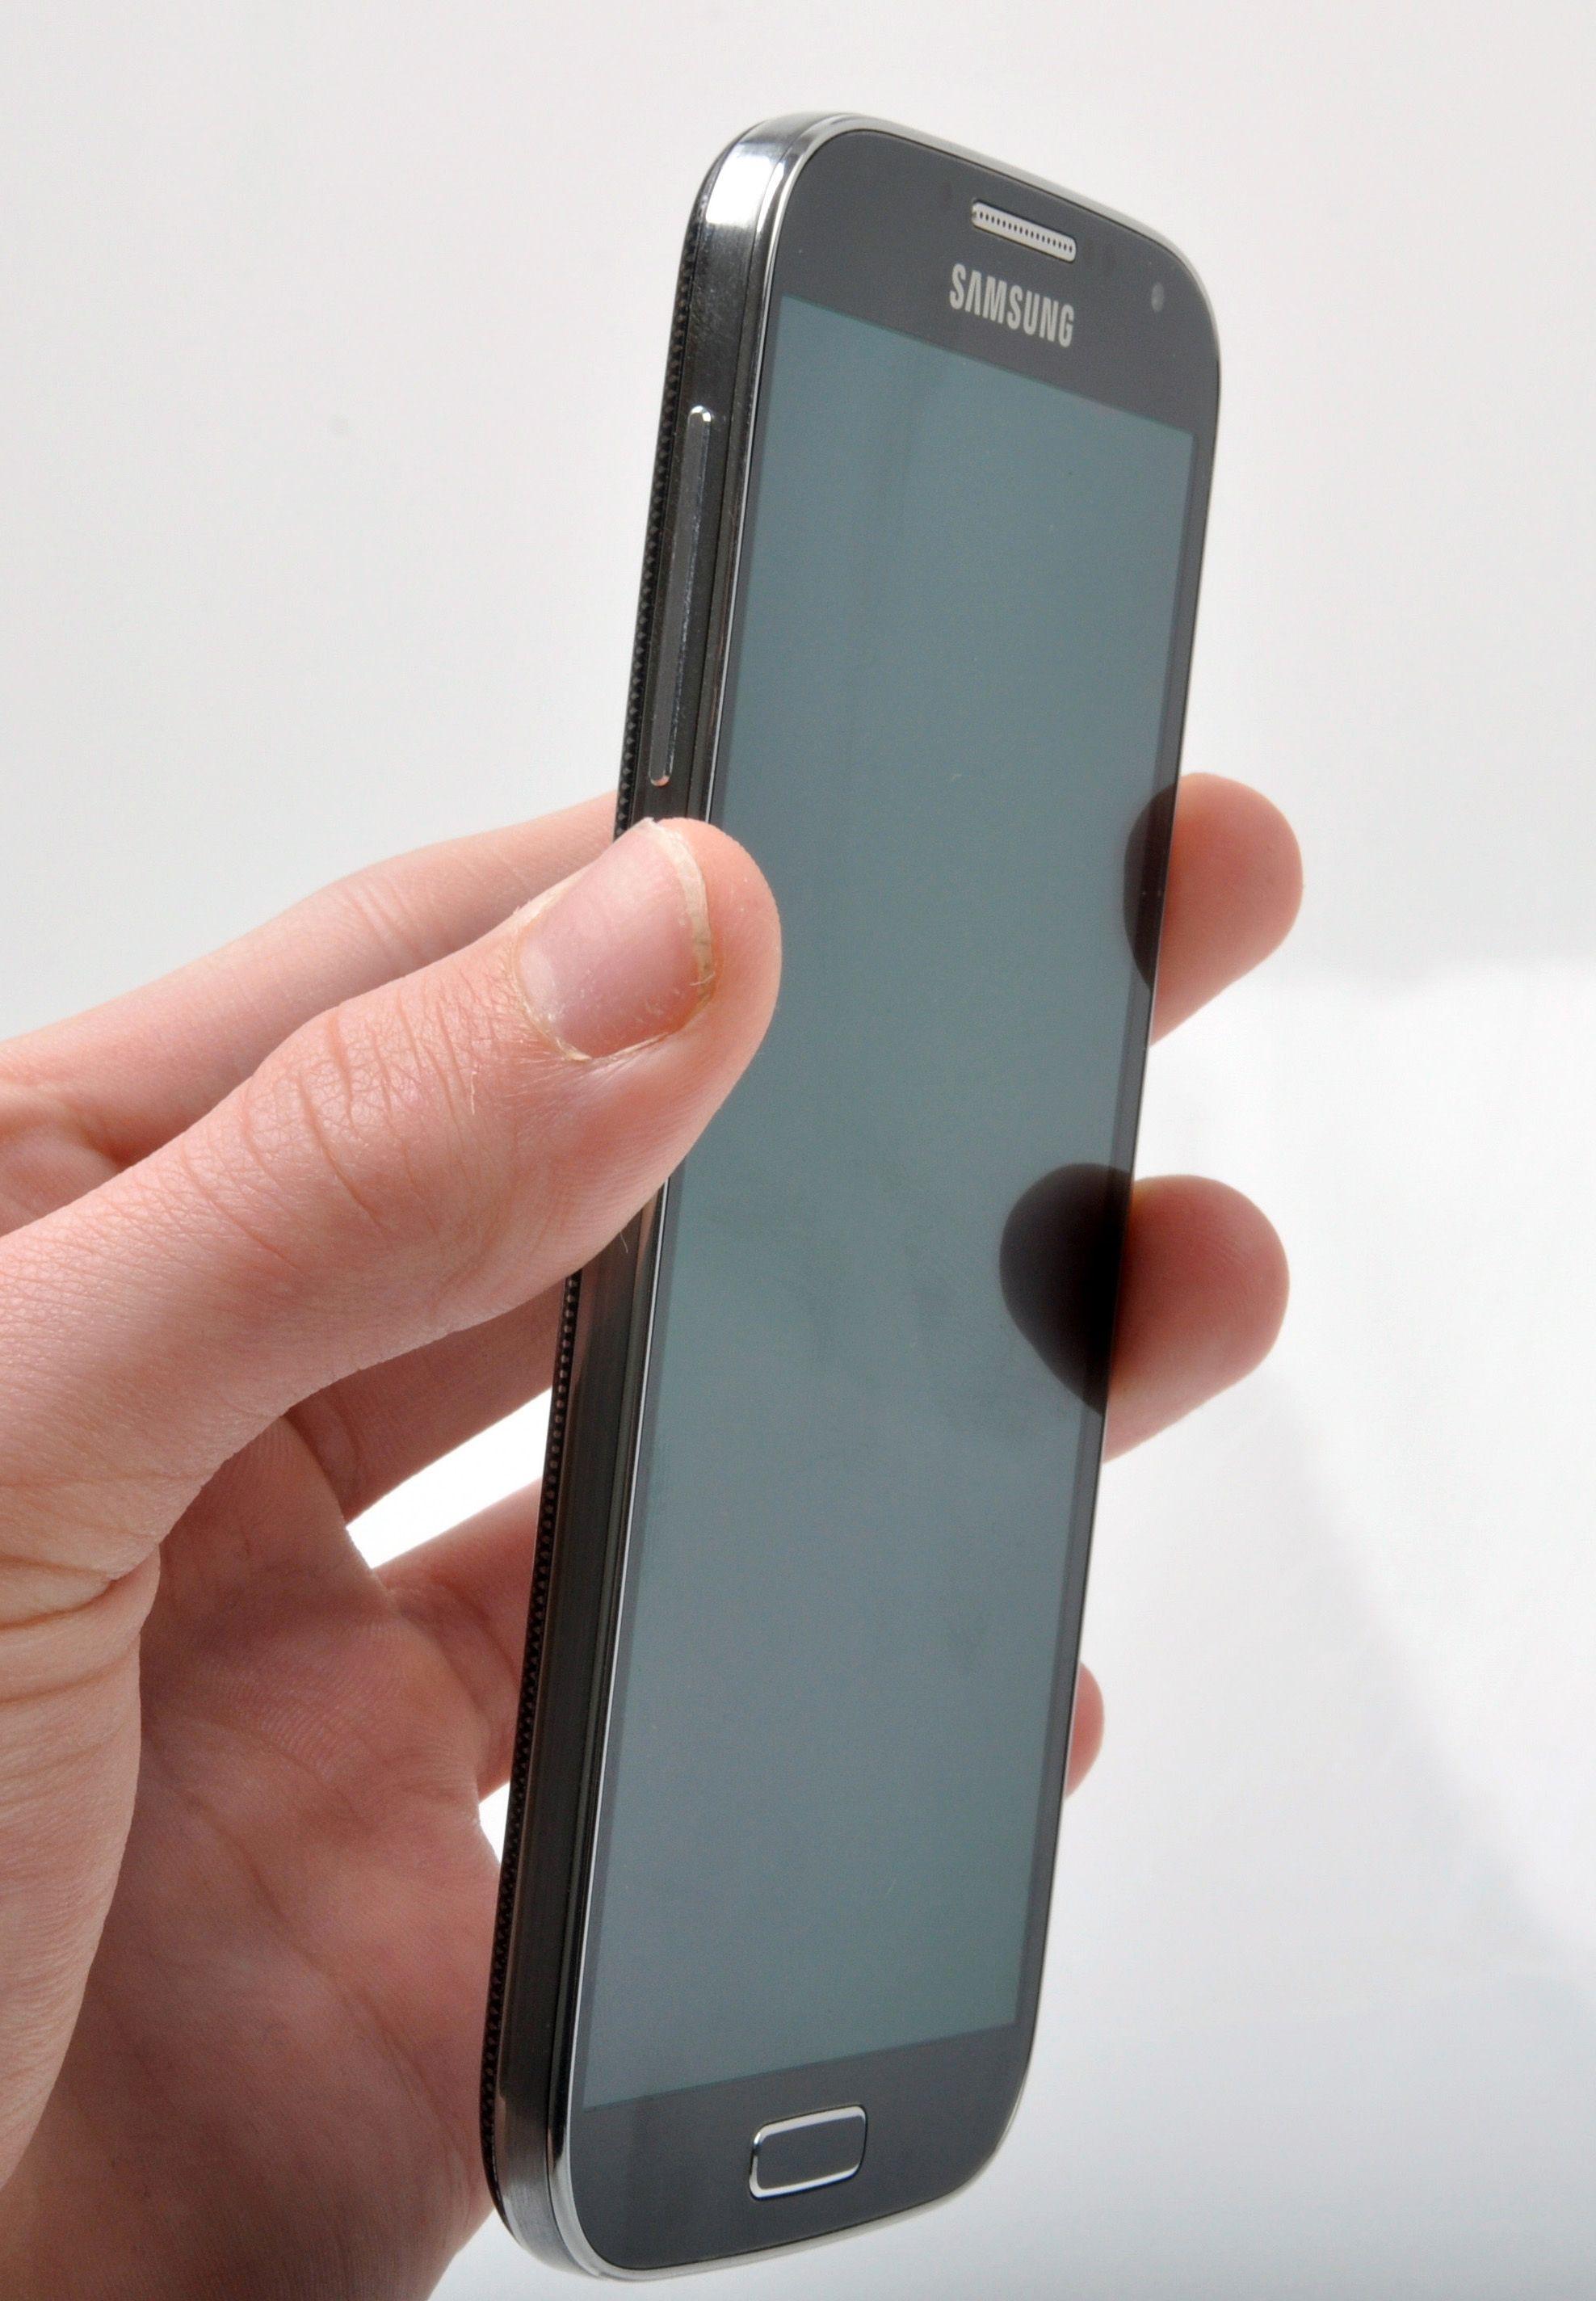 Rammen til Samsung Galaxy S4 er tynnere enn hos forgjengeren.Foto: Sander Dyrop, Amobil.no